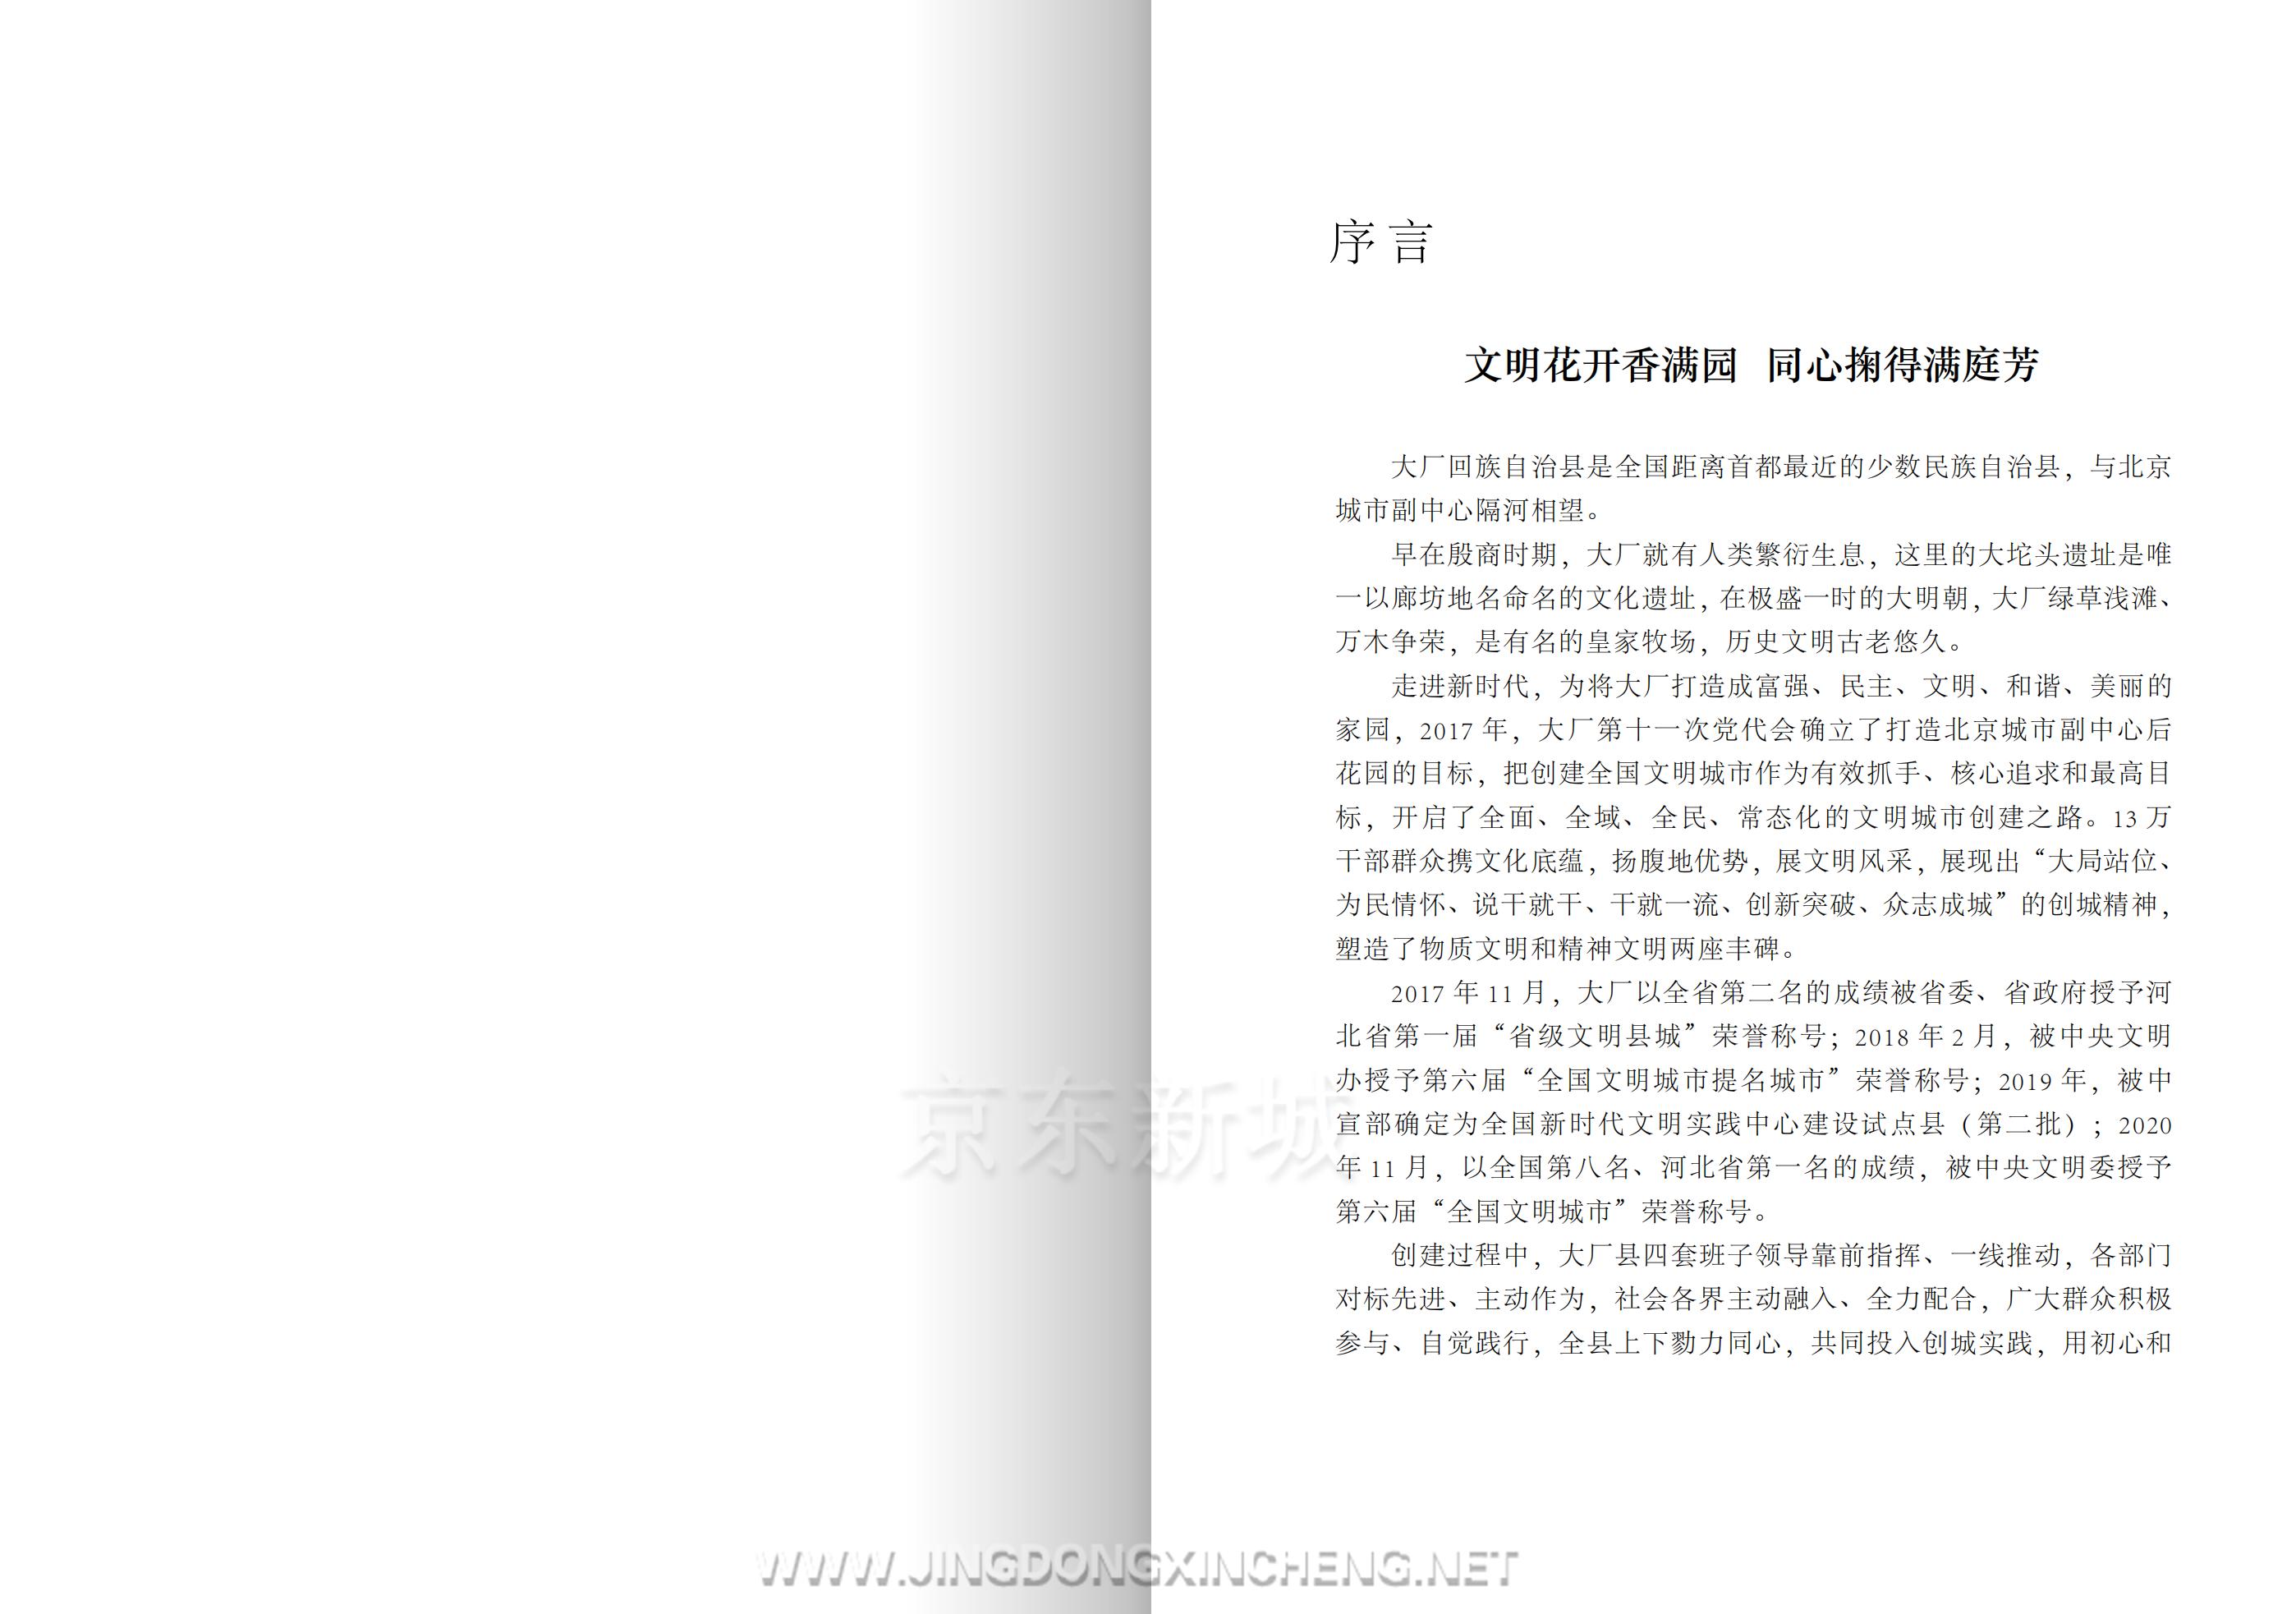 文明大厂书籍-定稿-上传版_03.png